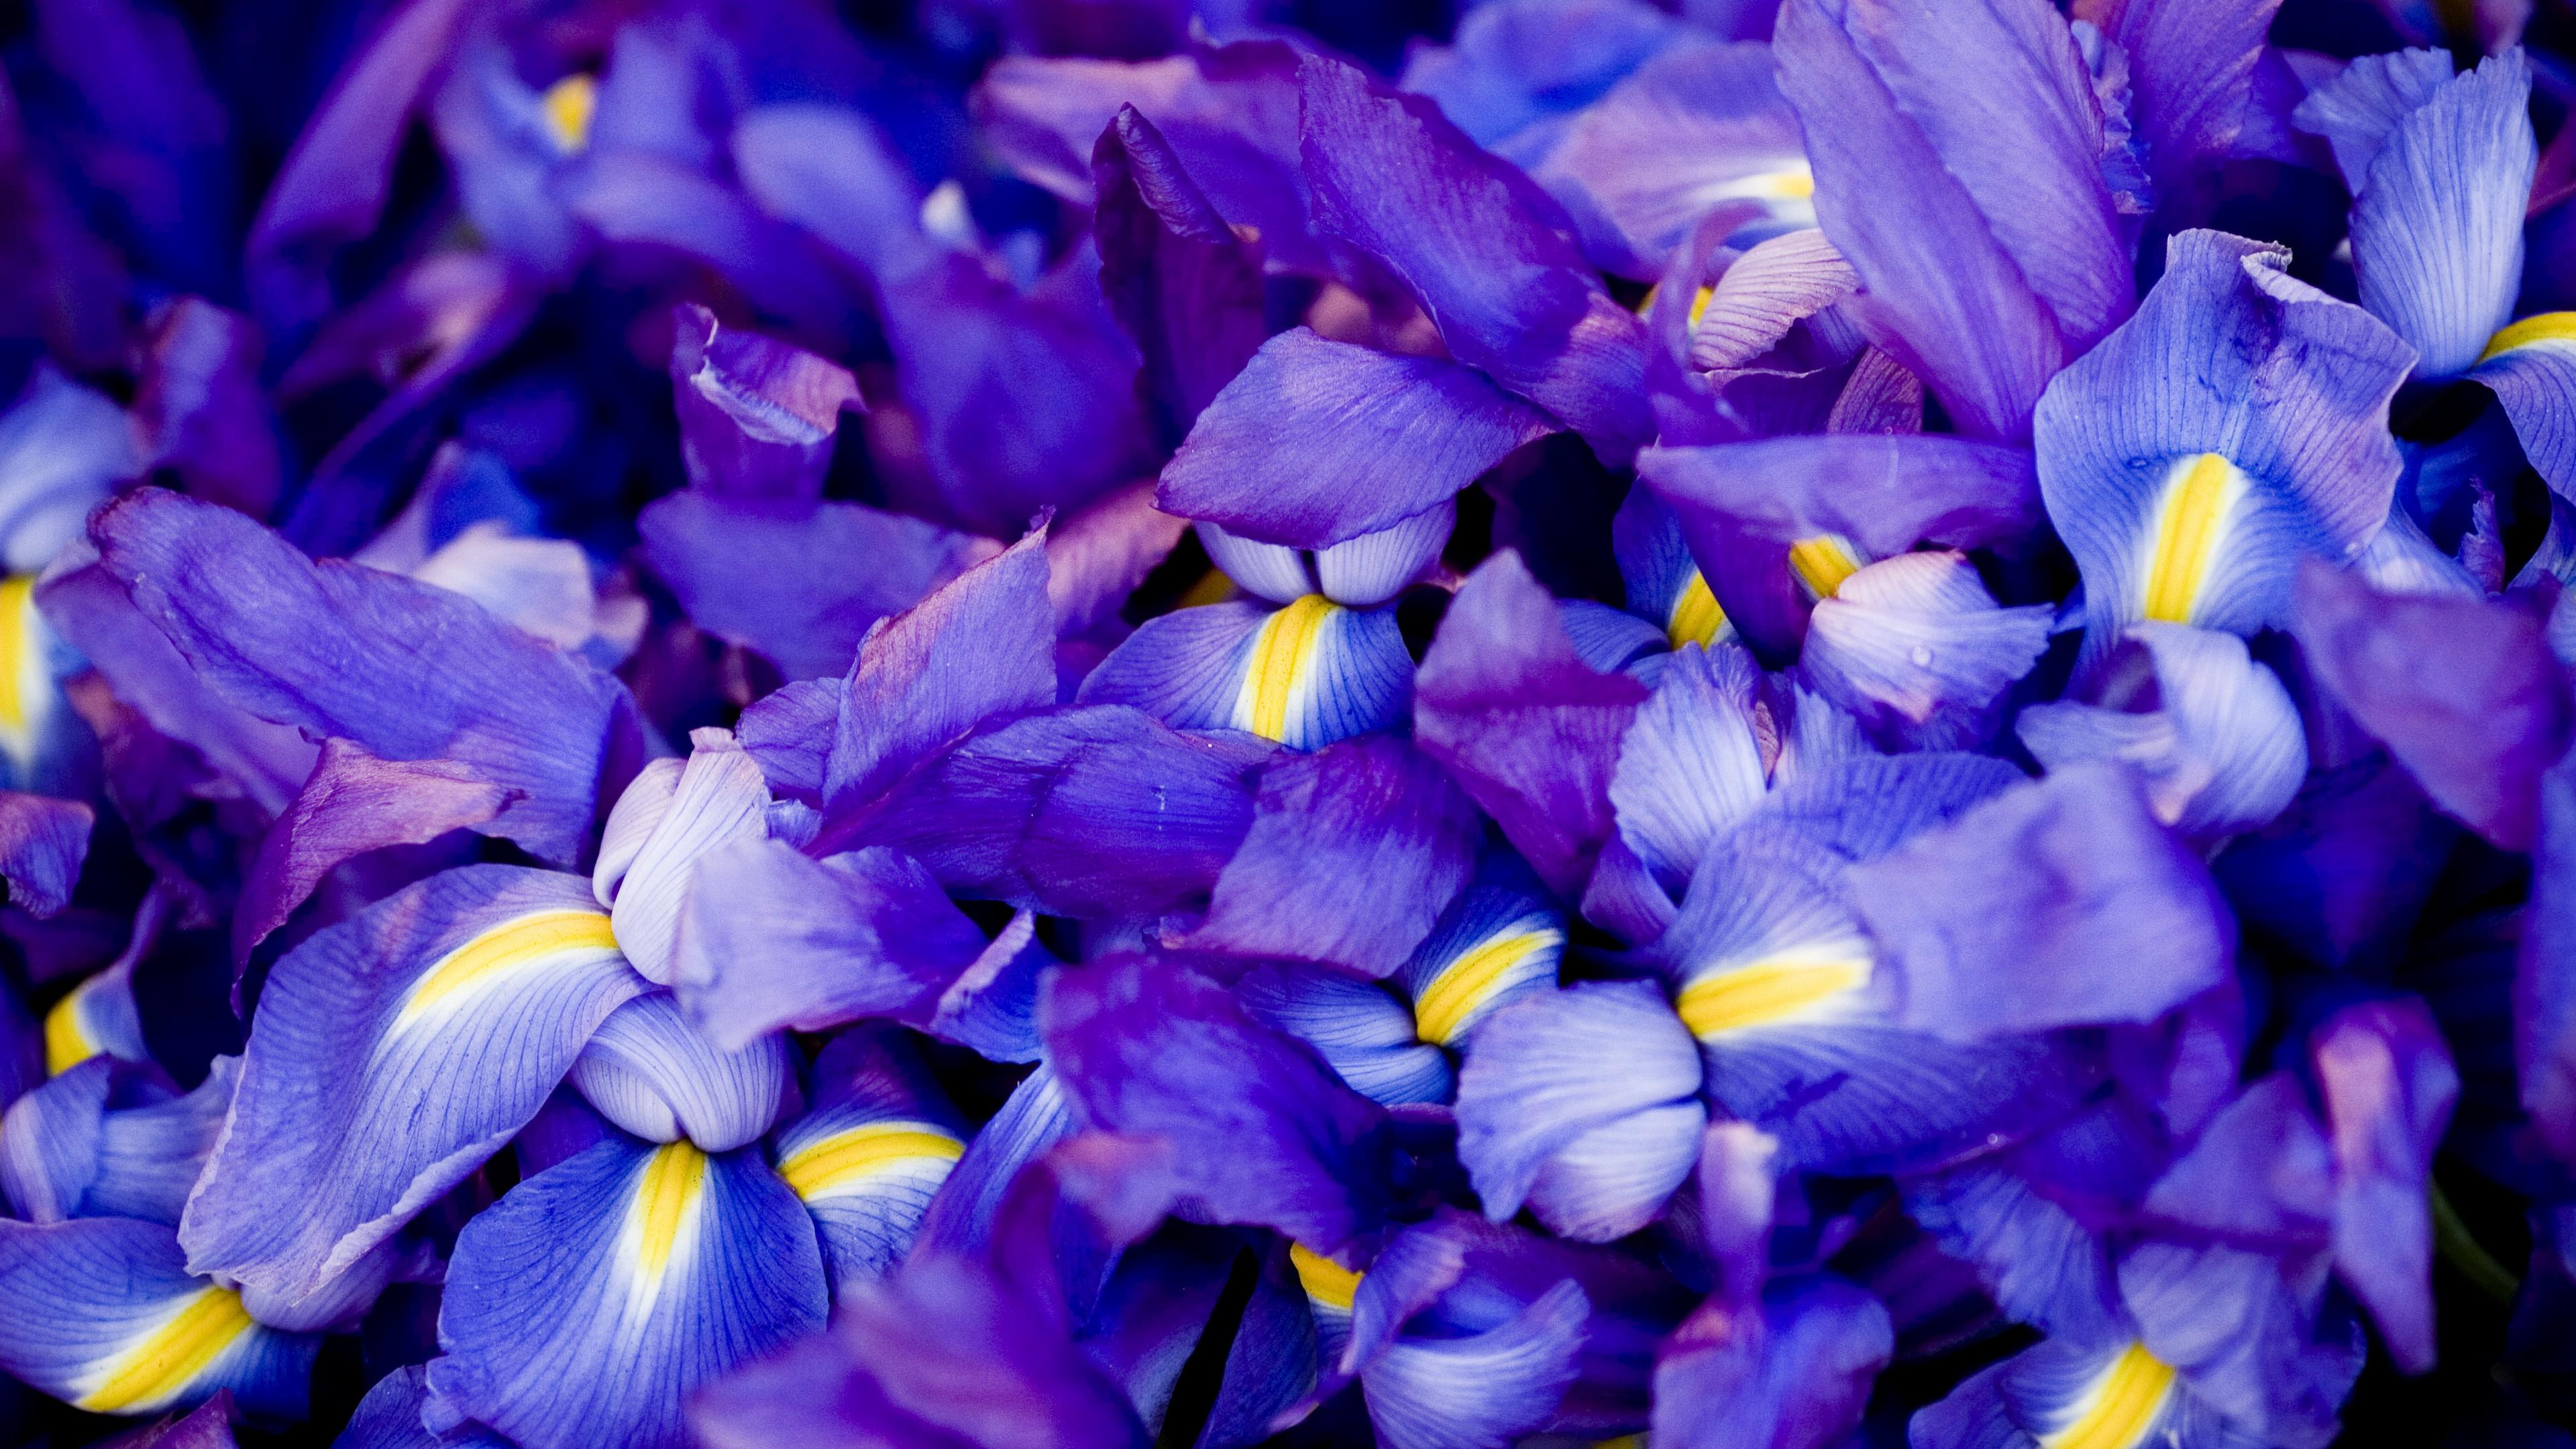 Wallpaper Iris 5k 4k Wallpaper Macro Flowers Purple